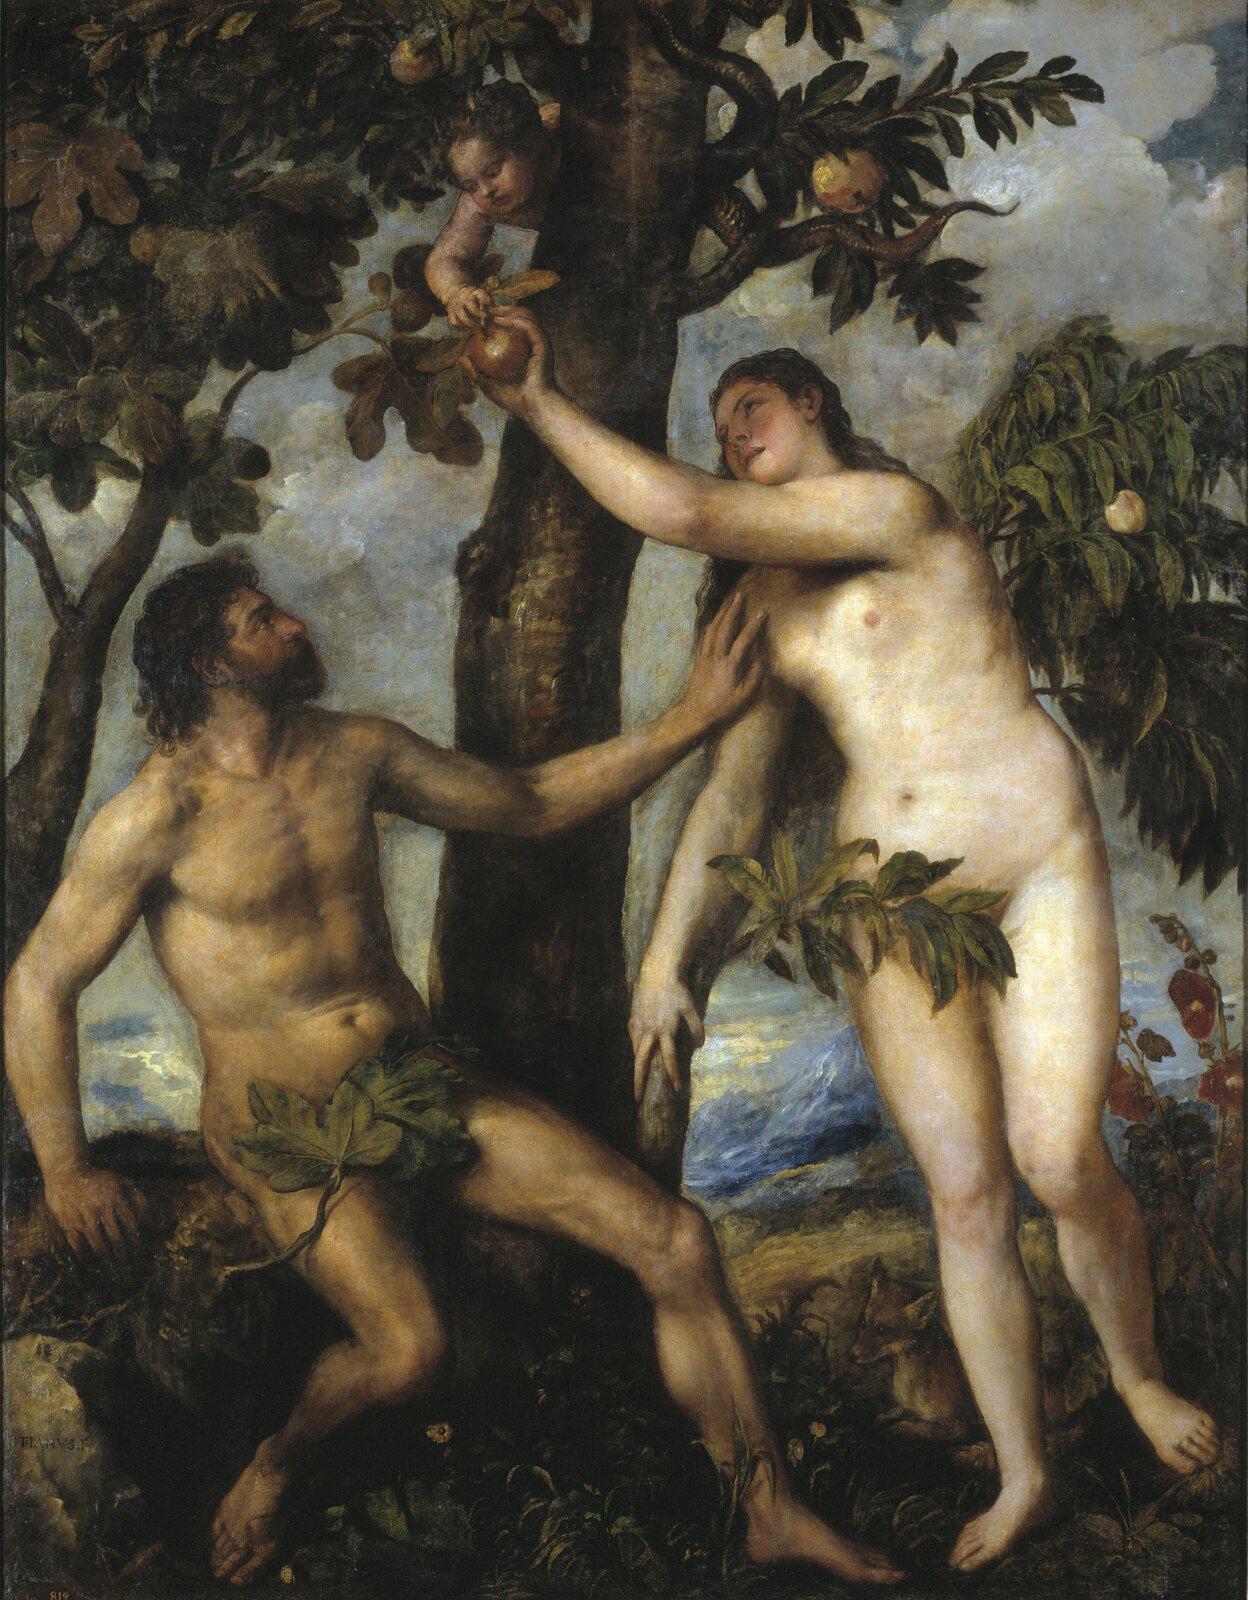 Adam iEwa Źródło: Tycjan, Adam iEwa, ok. 1550, olej na płótnie, Prado, Madryt, domena publiczna.